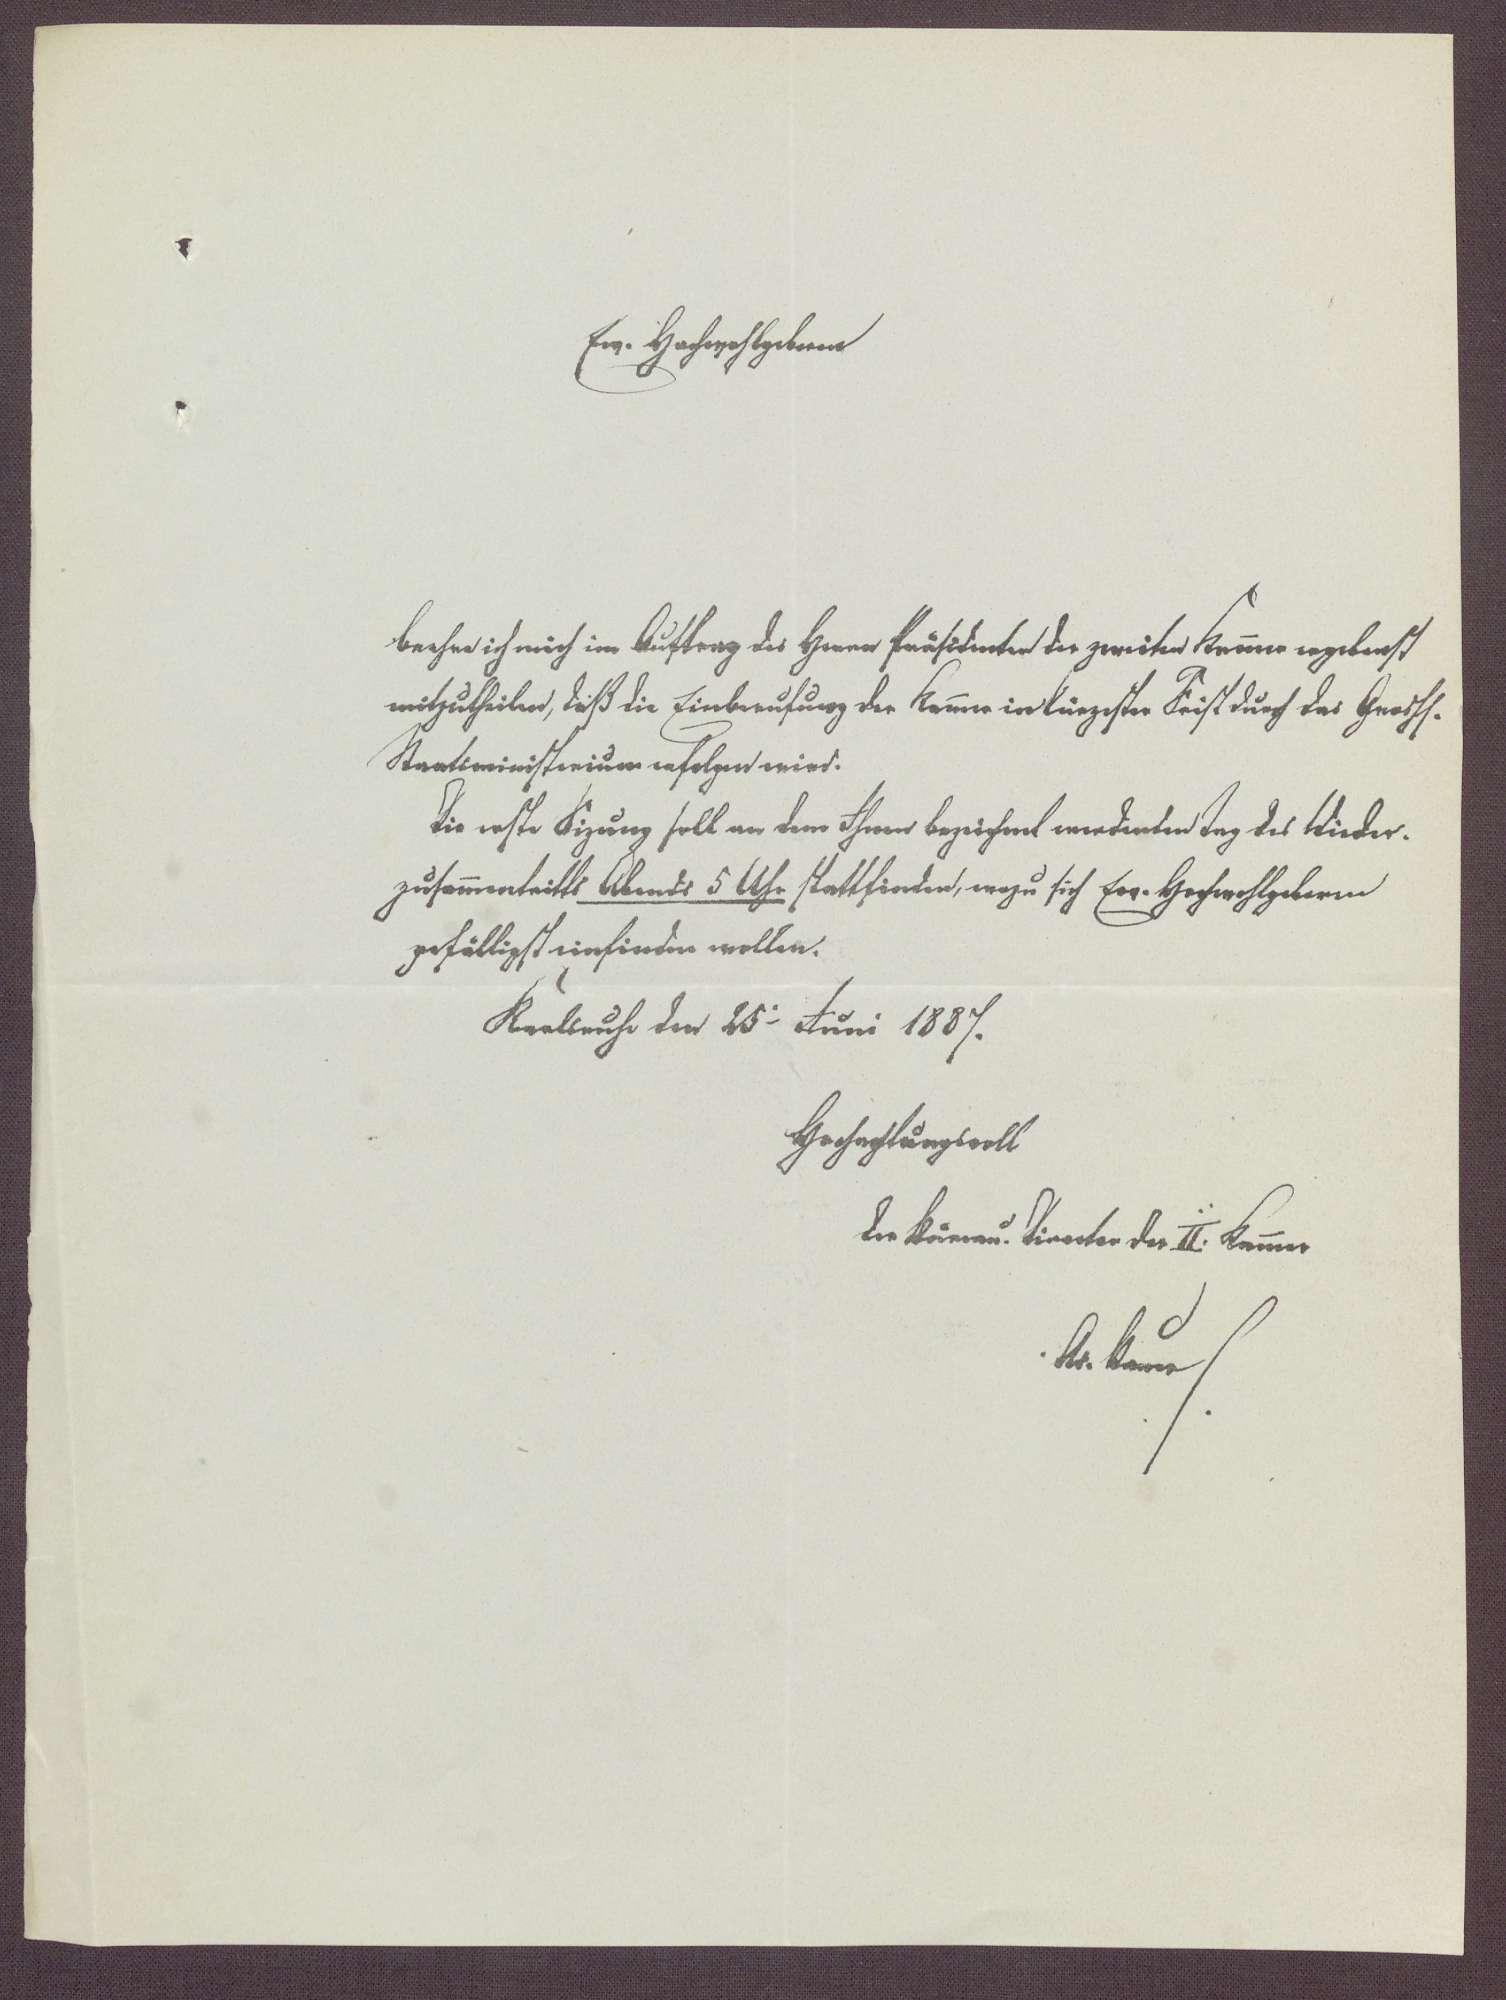 Schreiben an die Abgeordneten der 2. Kammer des Landtags, Einberufung des Landtages, Bild 1